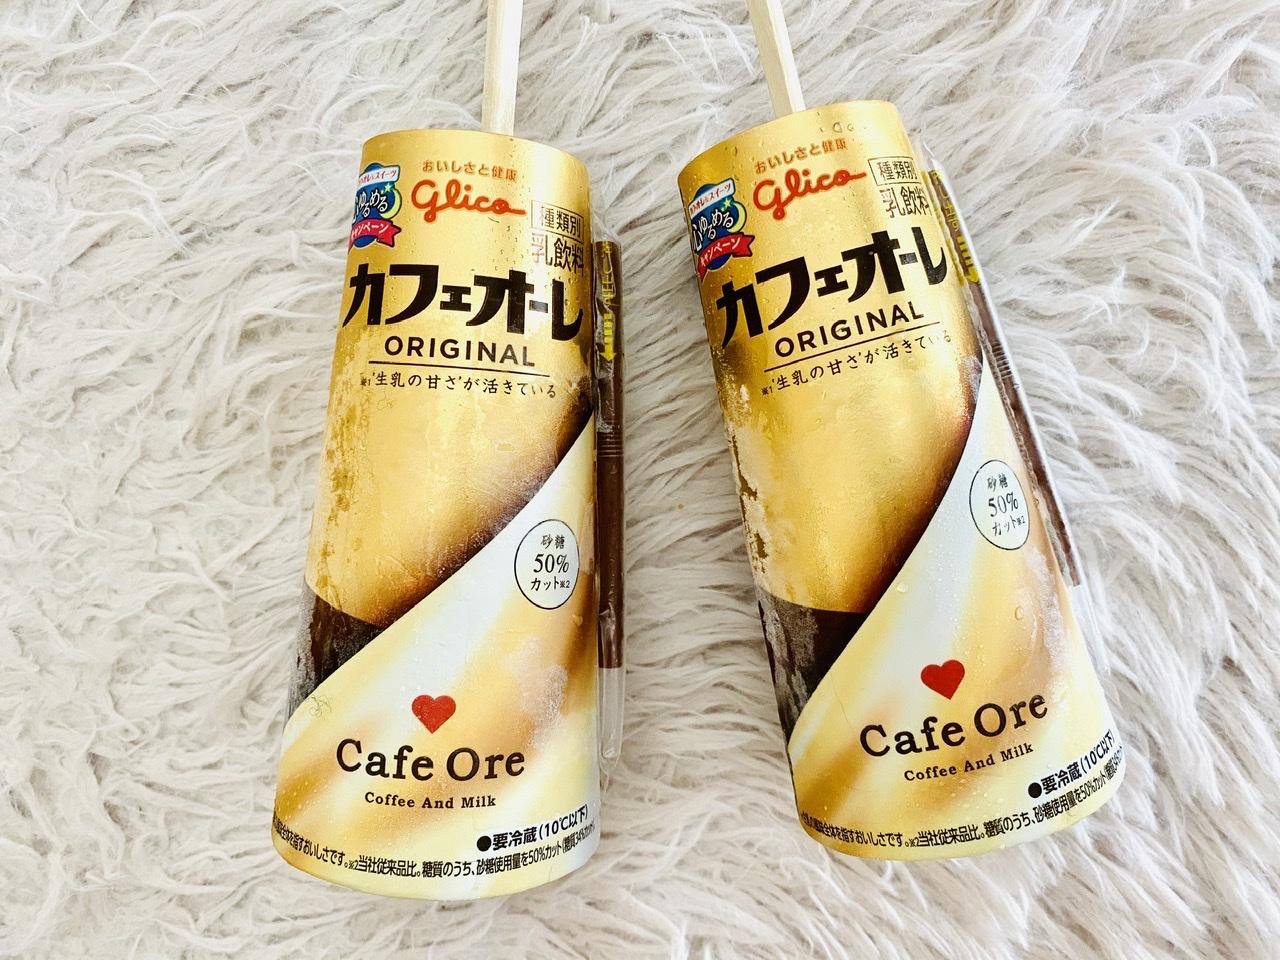 紙パックドリンクでアイス作りに挑戦!超簡単★【カフェオーレアイス】を作ってみた♡_2